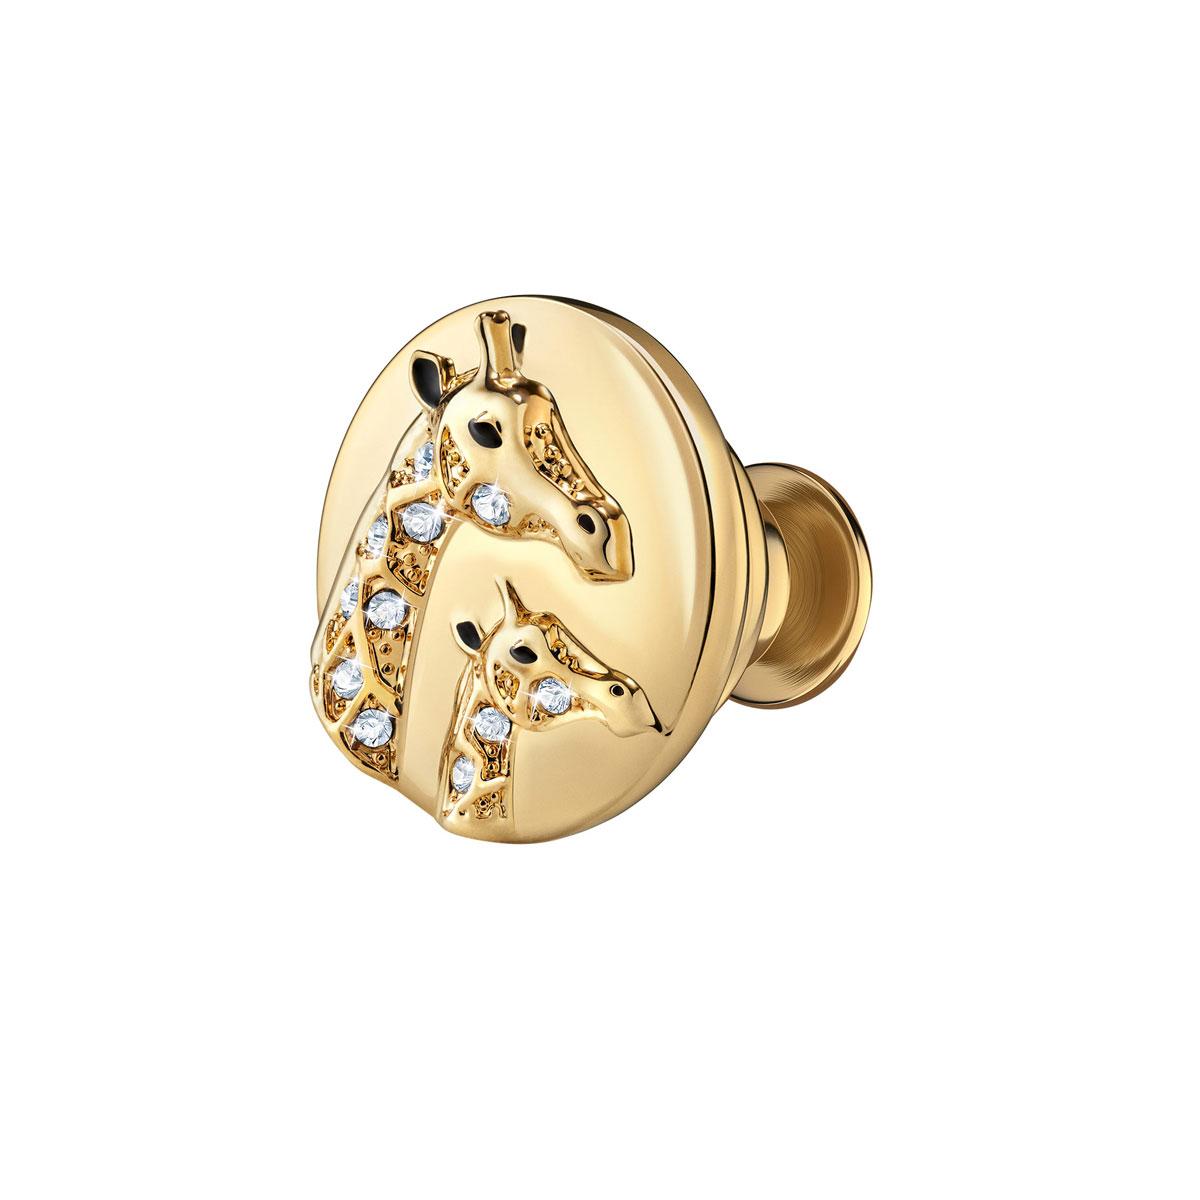 Swarovski Crystal and Gold Giraffe Tack Pin